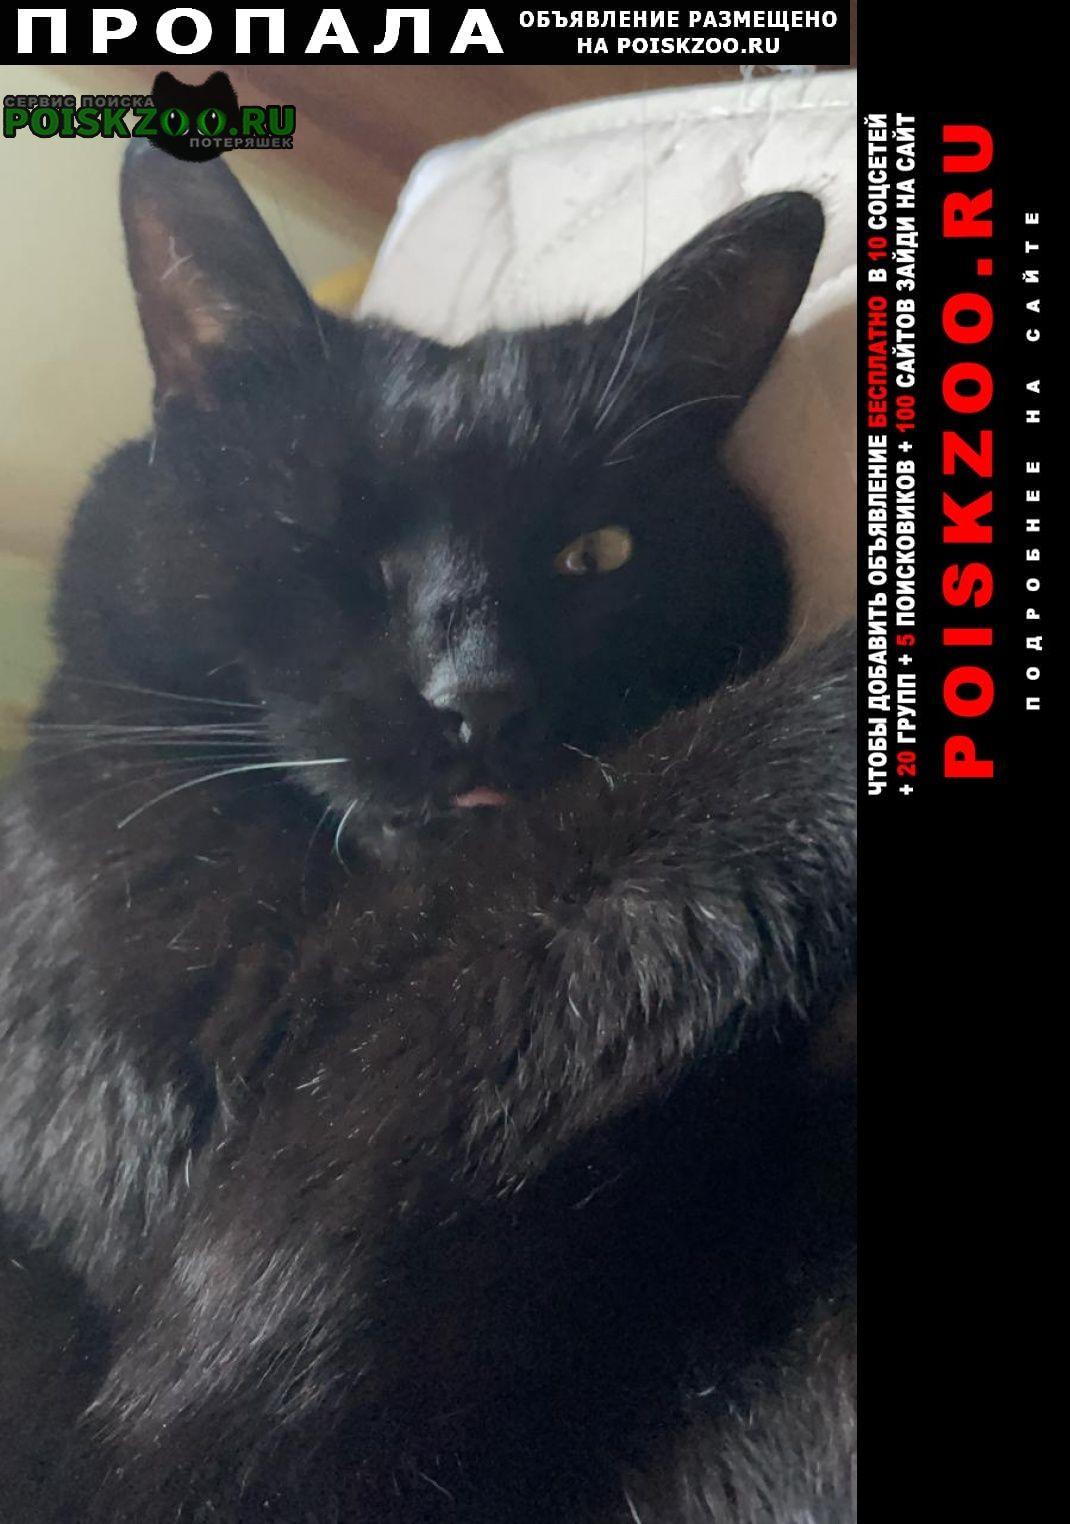 Пропал кот в поселке кратово 30 июня Жуковский